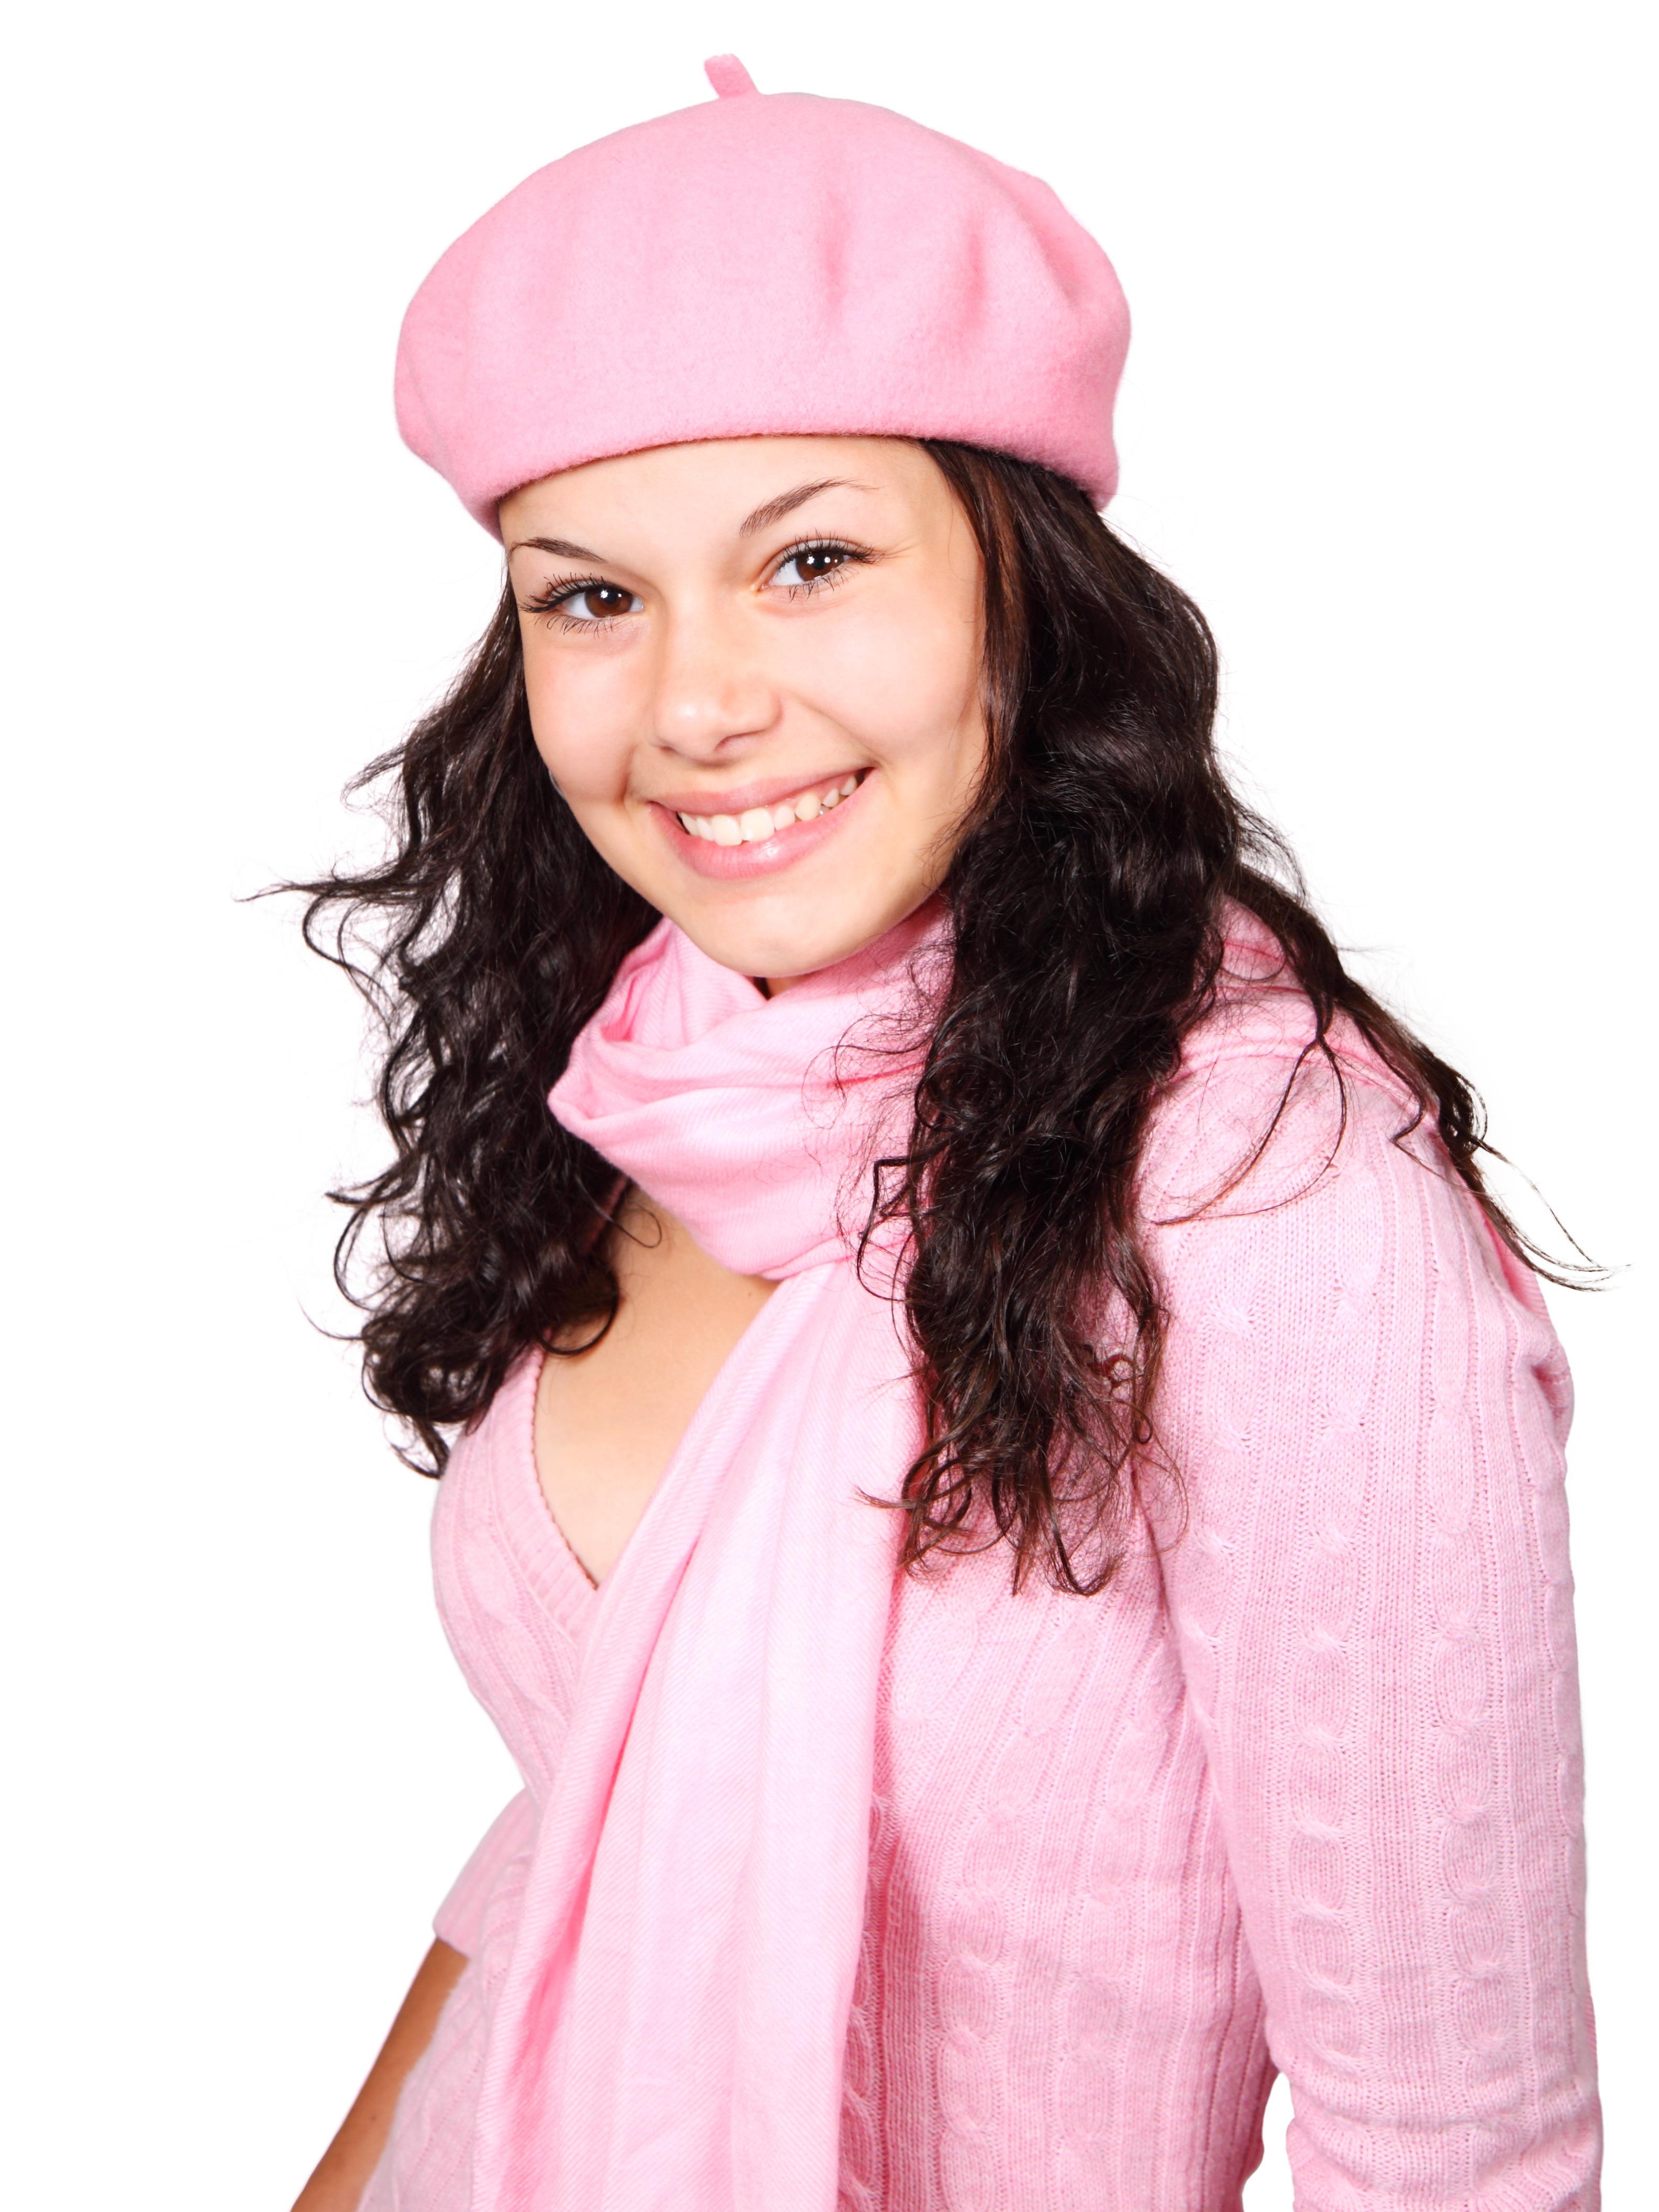 807c86a9a50c Fotos gratis : frío, invierno, niña, mujer, blanco, calentar, linda ...